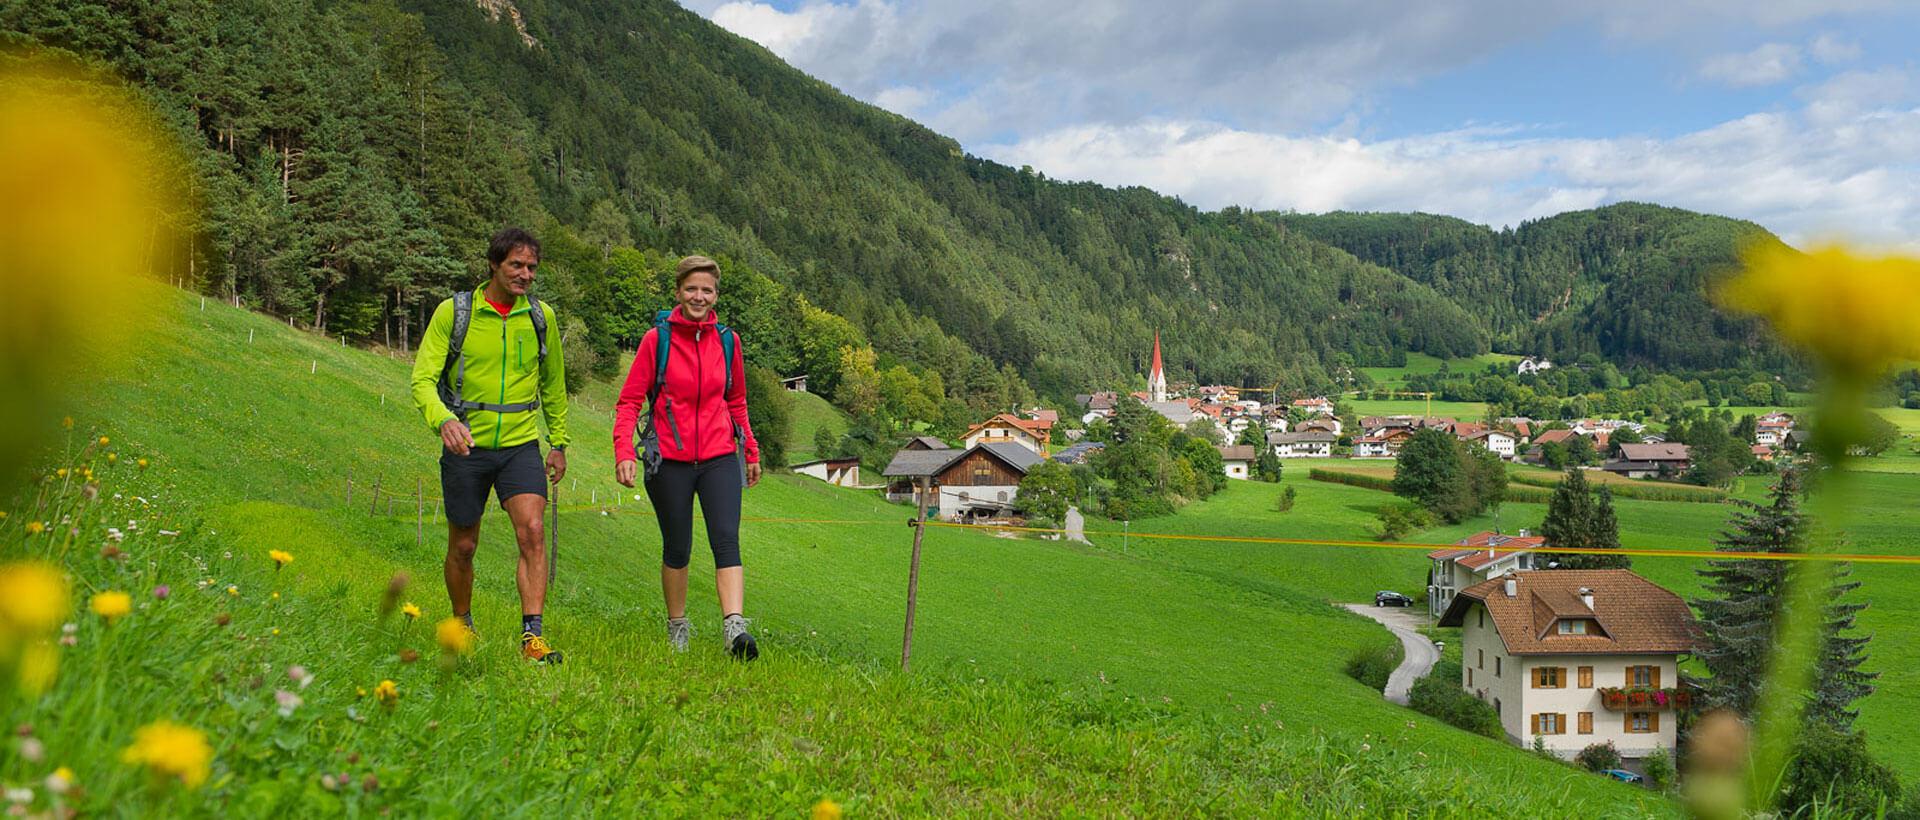 Urlaub auf dem Bauernhof - Pustertal / Südtirol